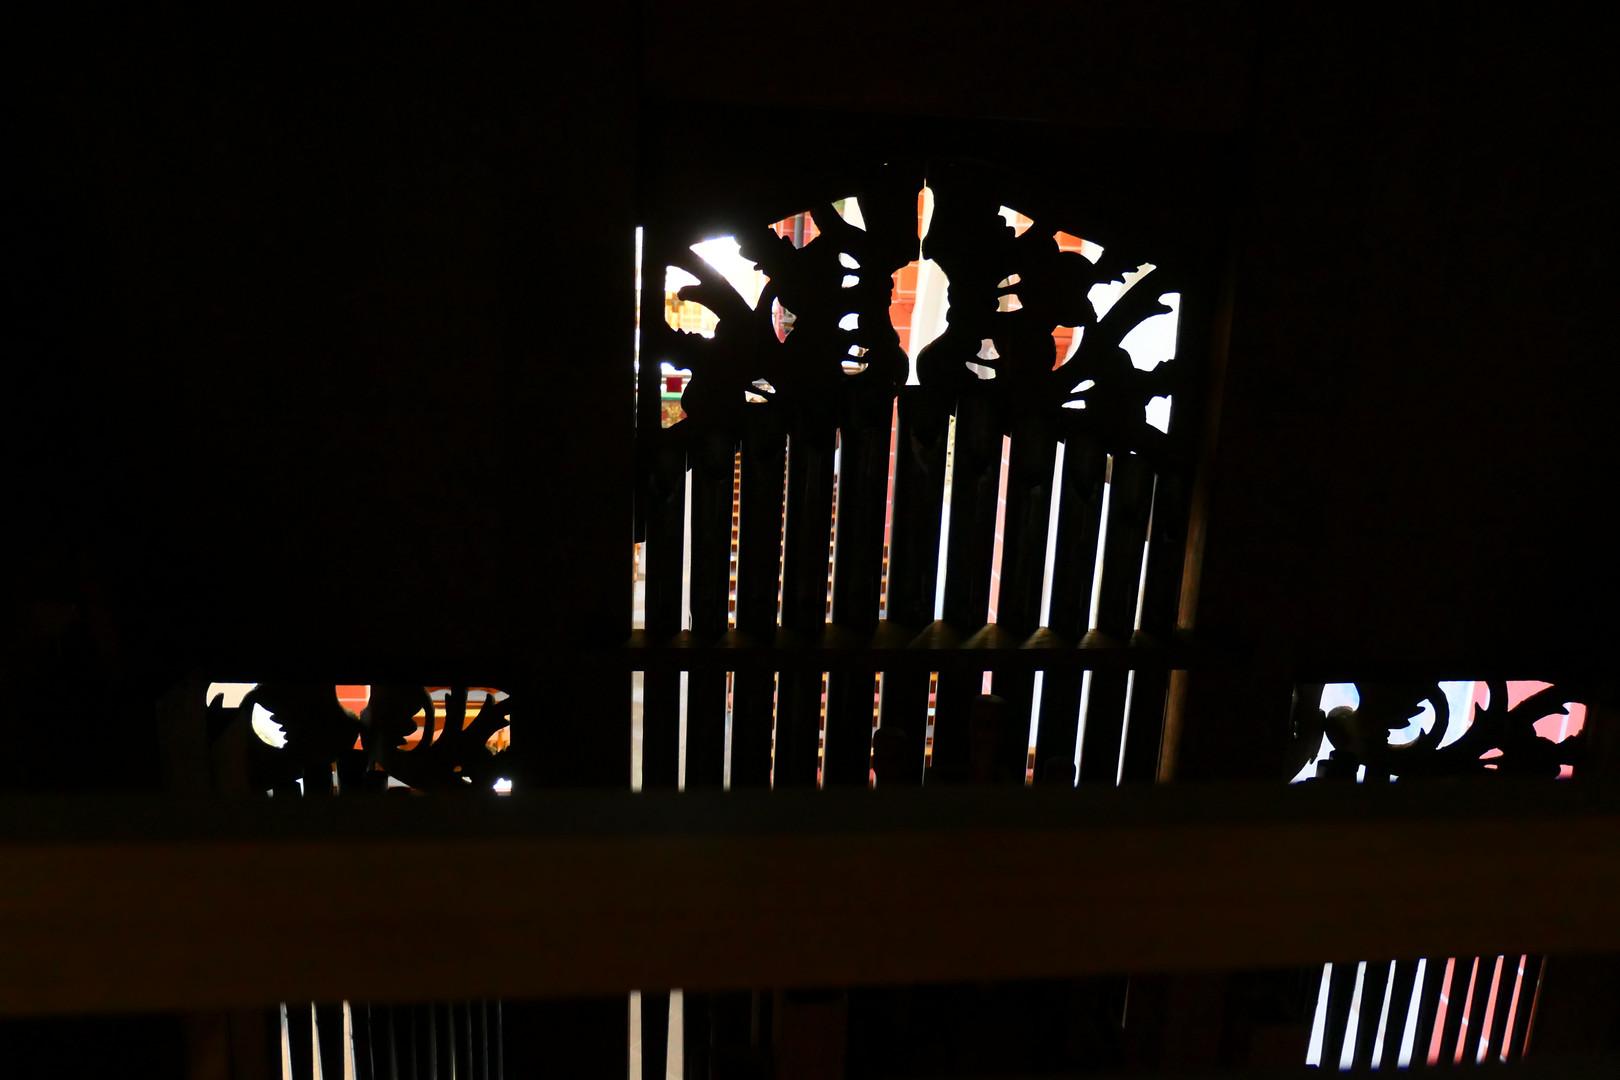 Hinter der alten Stumm-Orgel